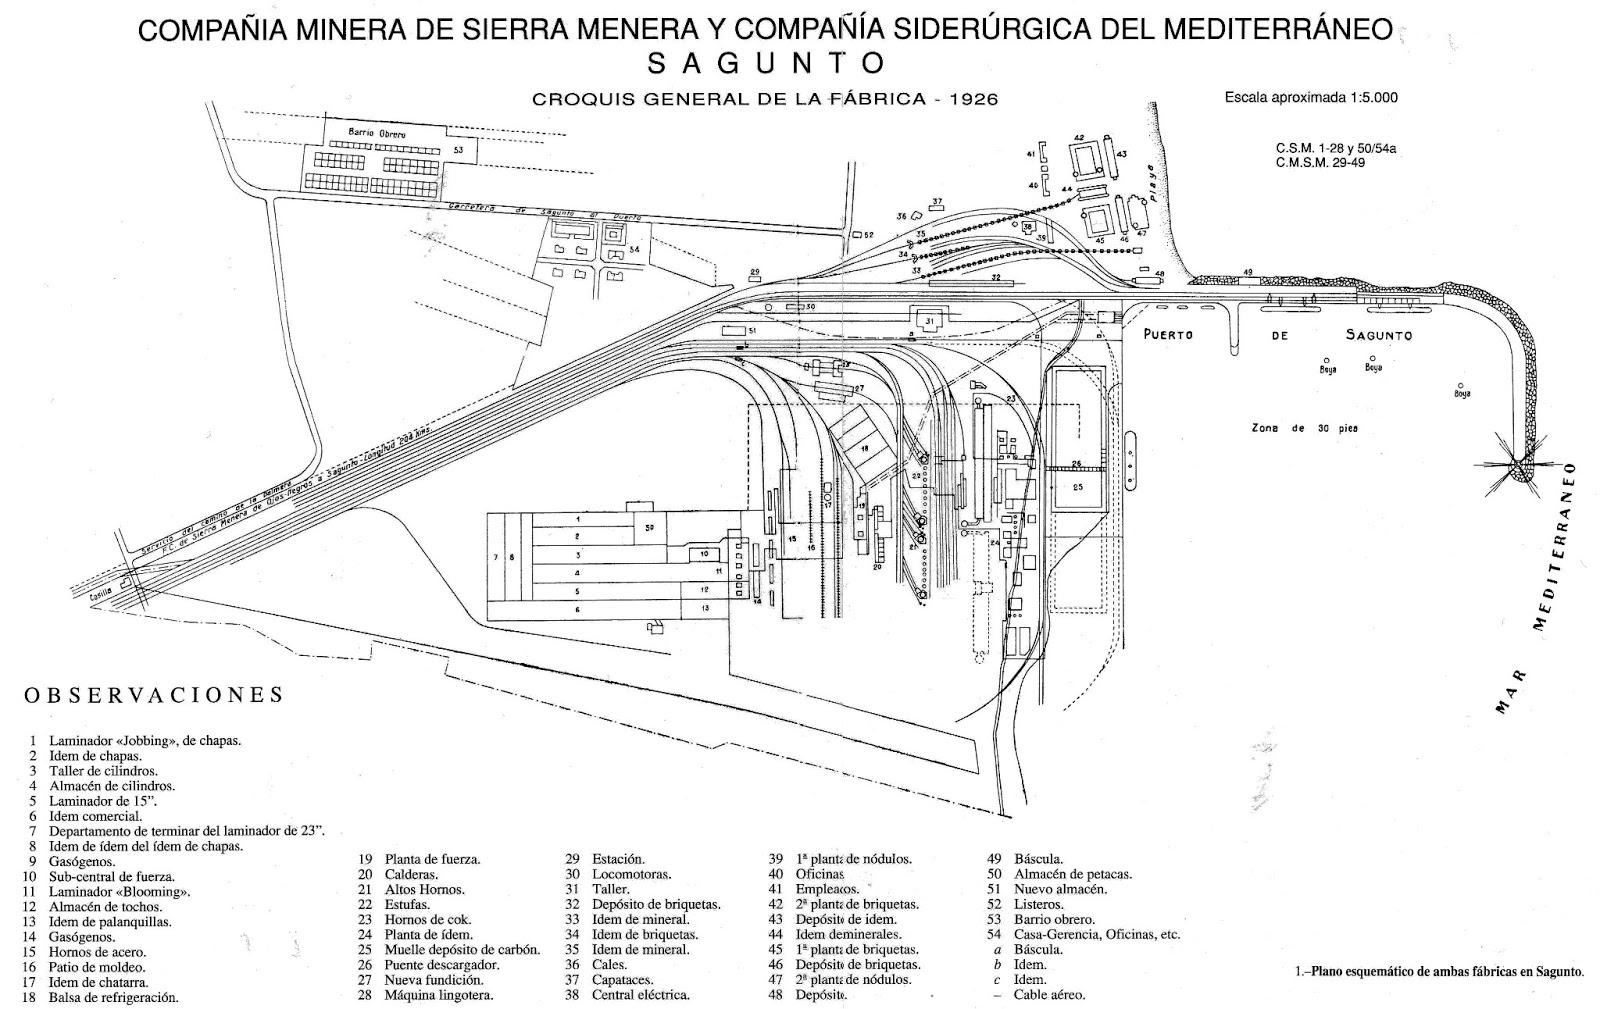 Caminos De Ferro El Sierra Menera Paseando Entre Sagunto